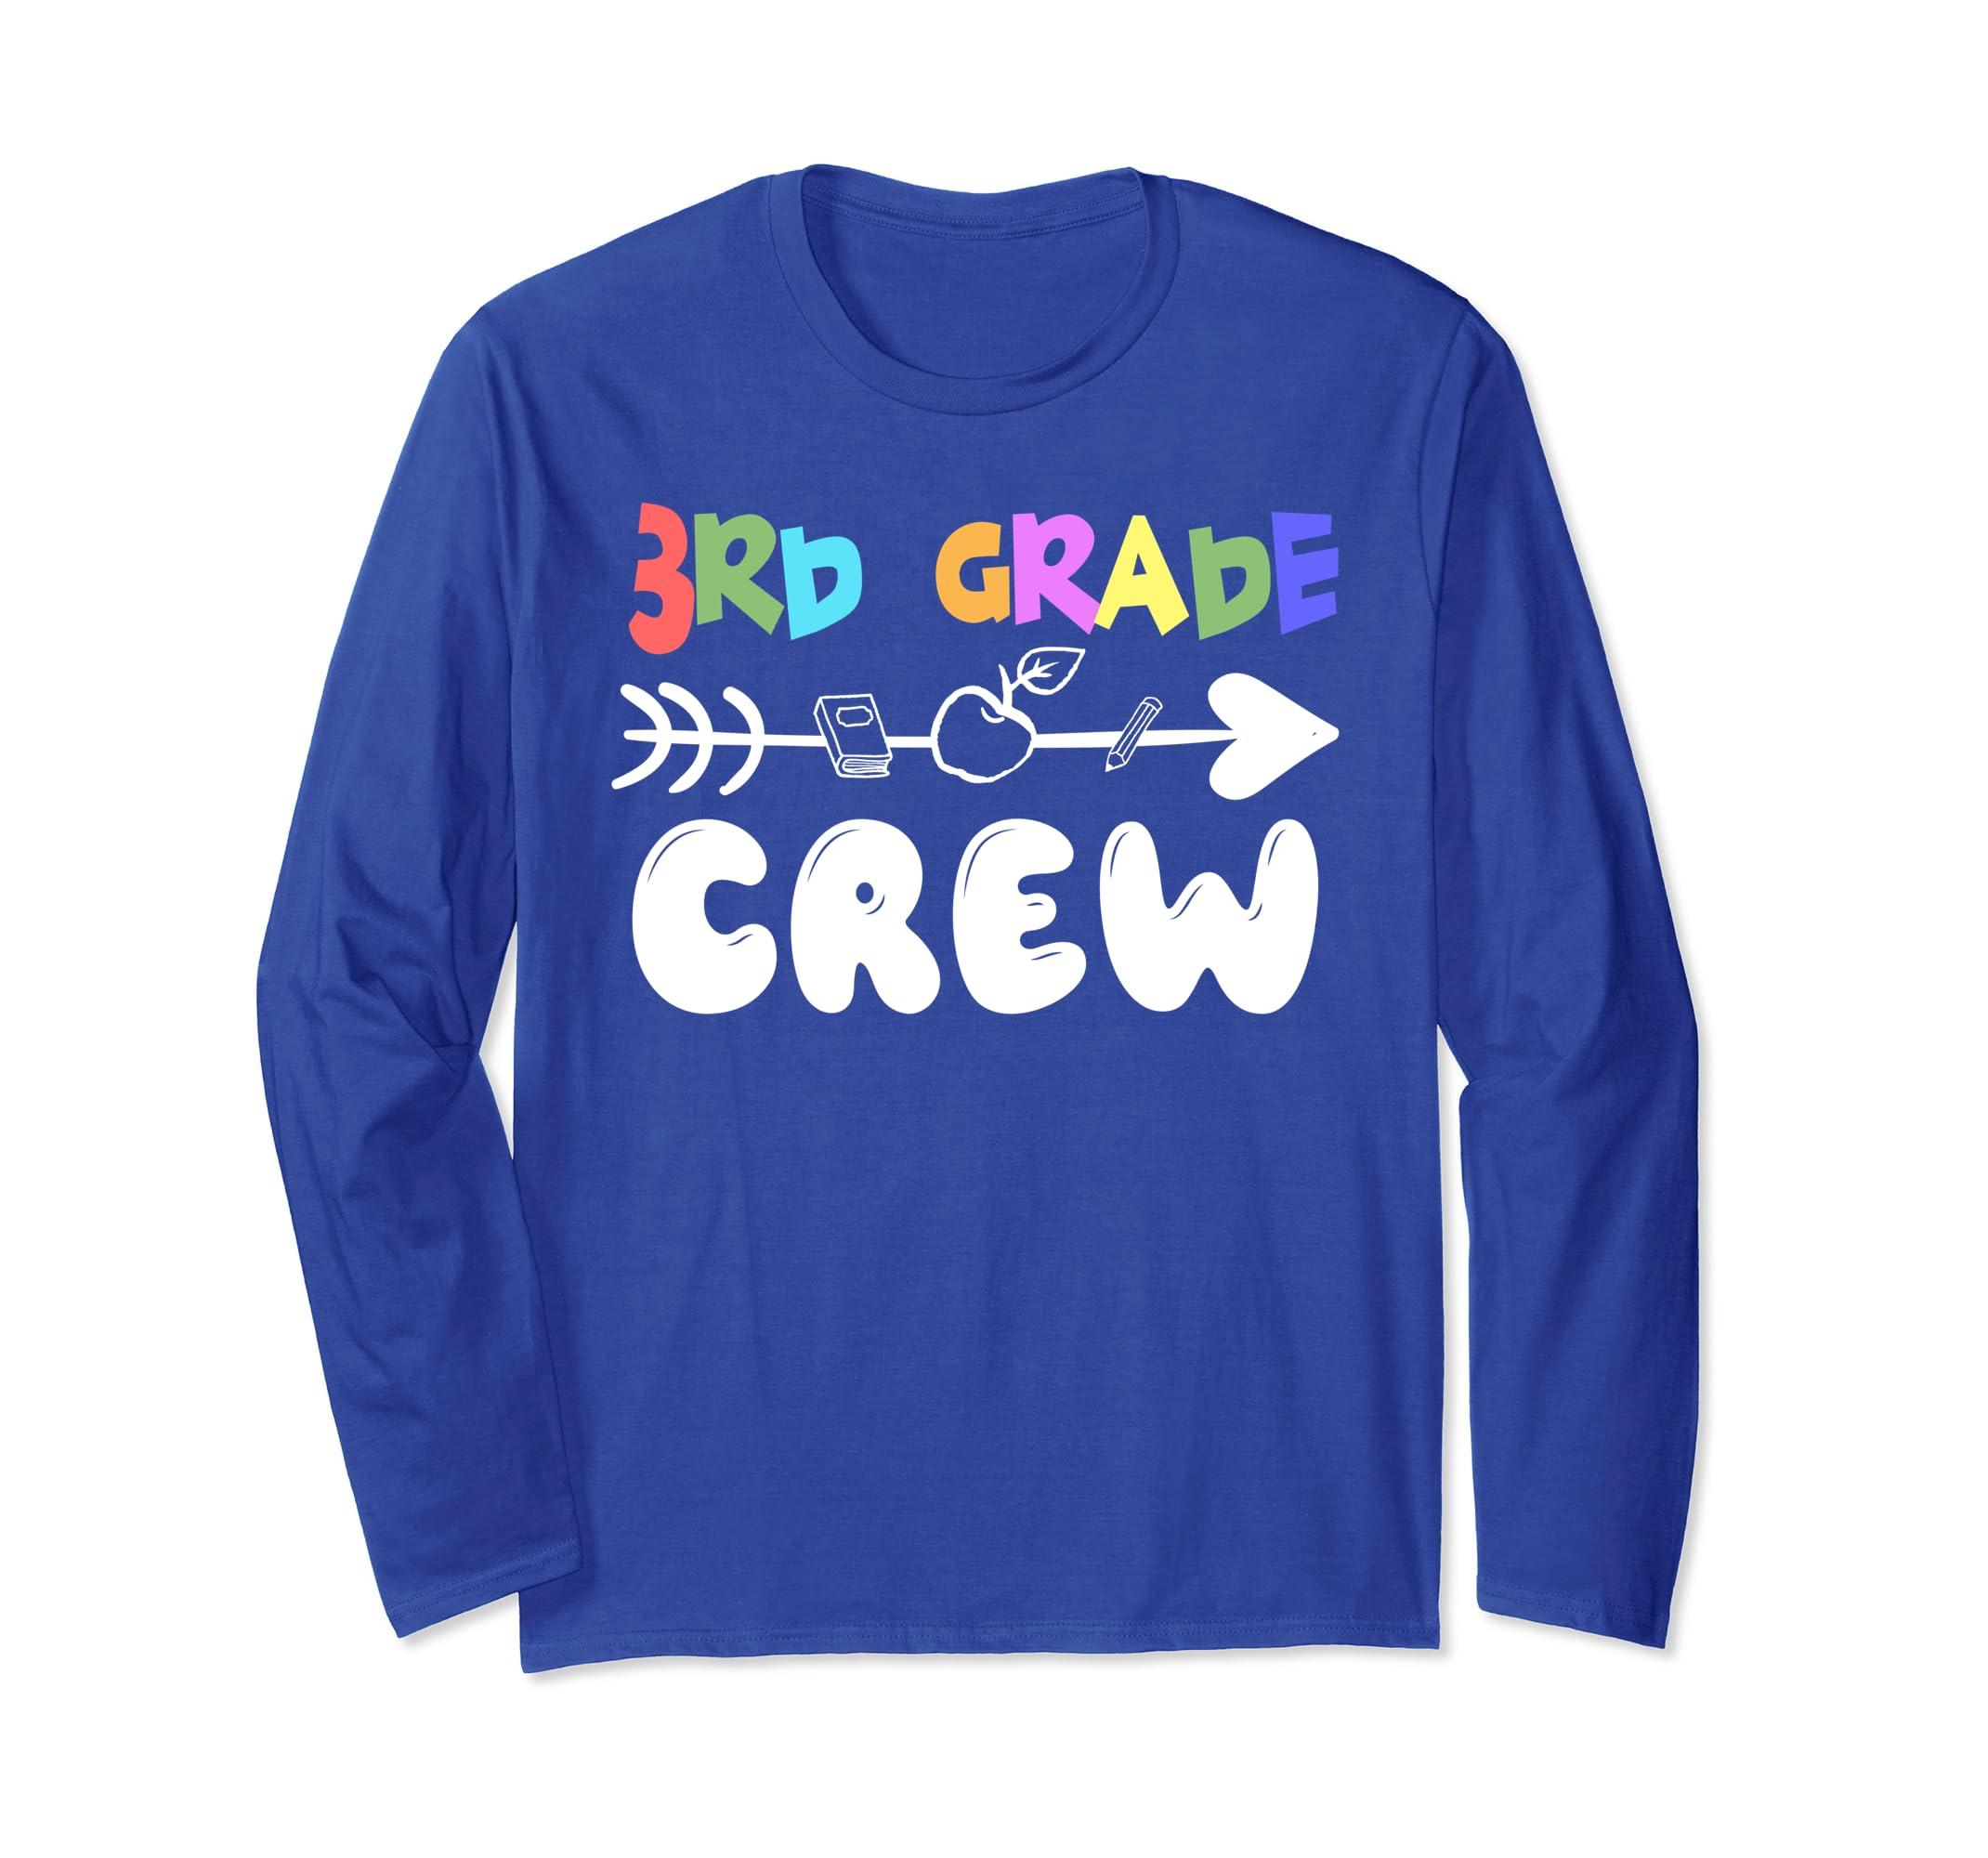 3rd Grade Crew School Novelty Gift Long Sleeve Shirt-ln